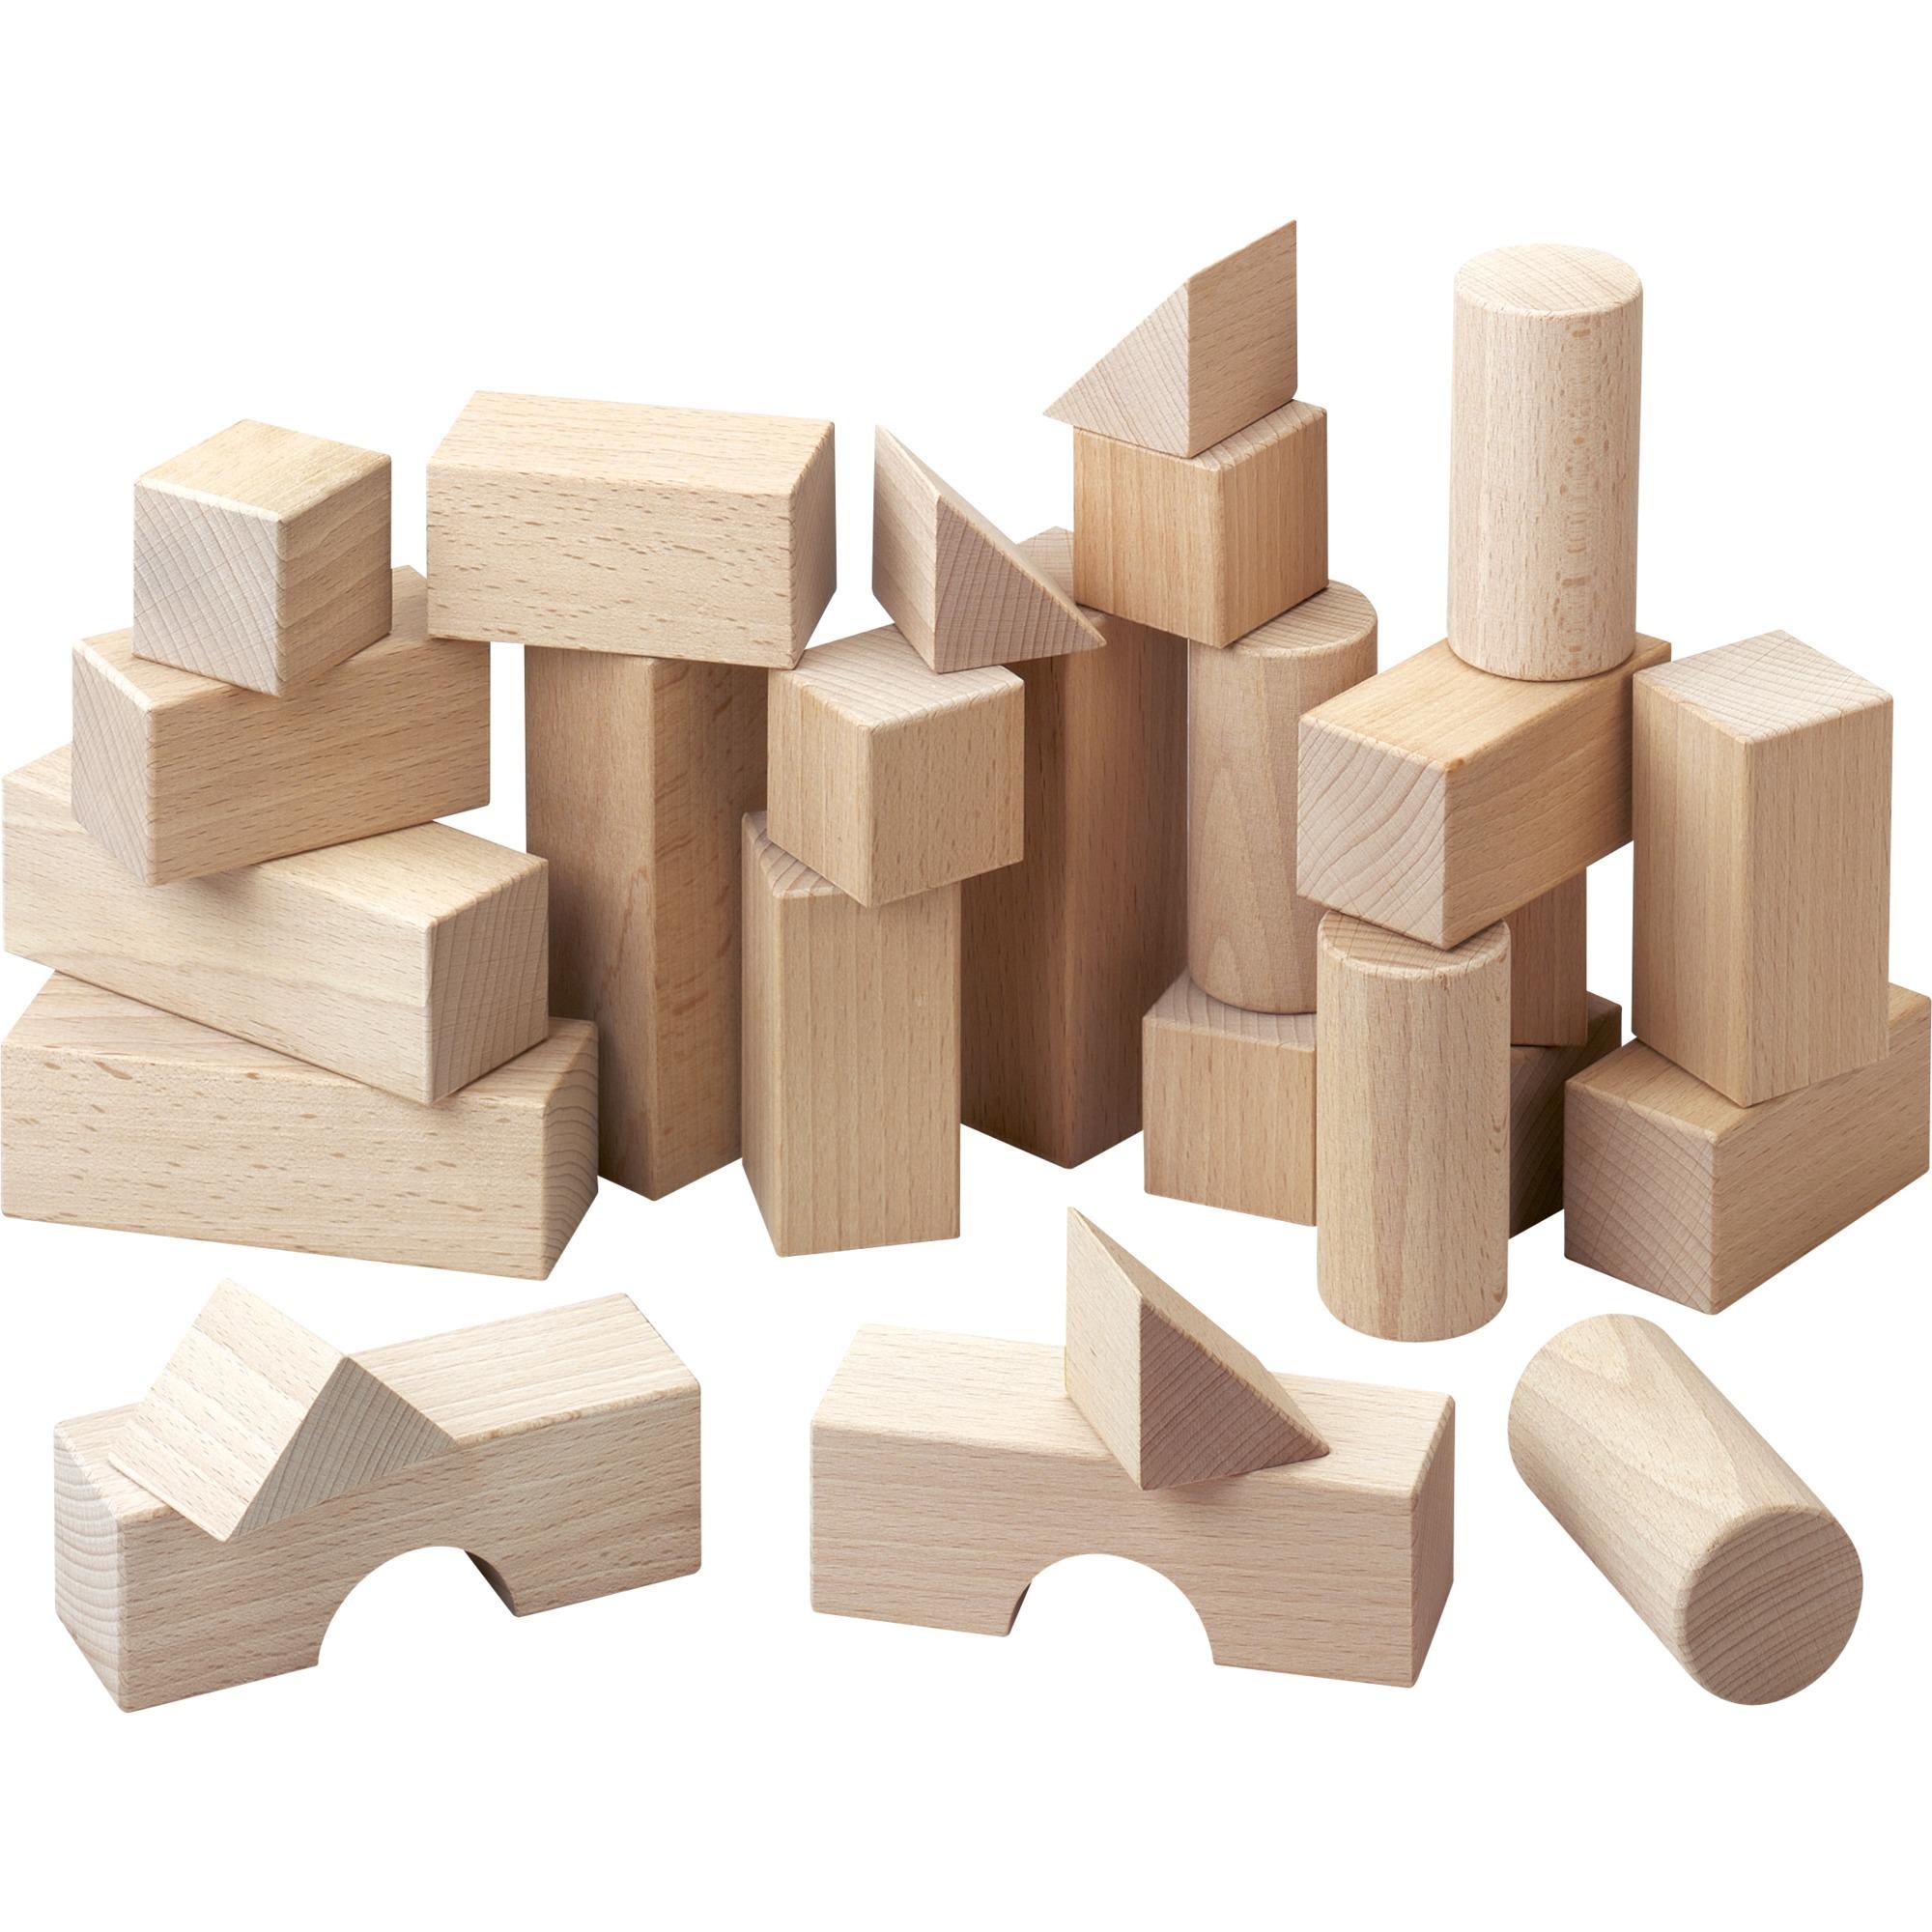 001071 26pieza(s) bloque de construcción de juguete, Juegos de construcción